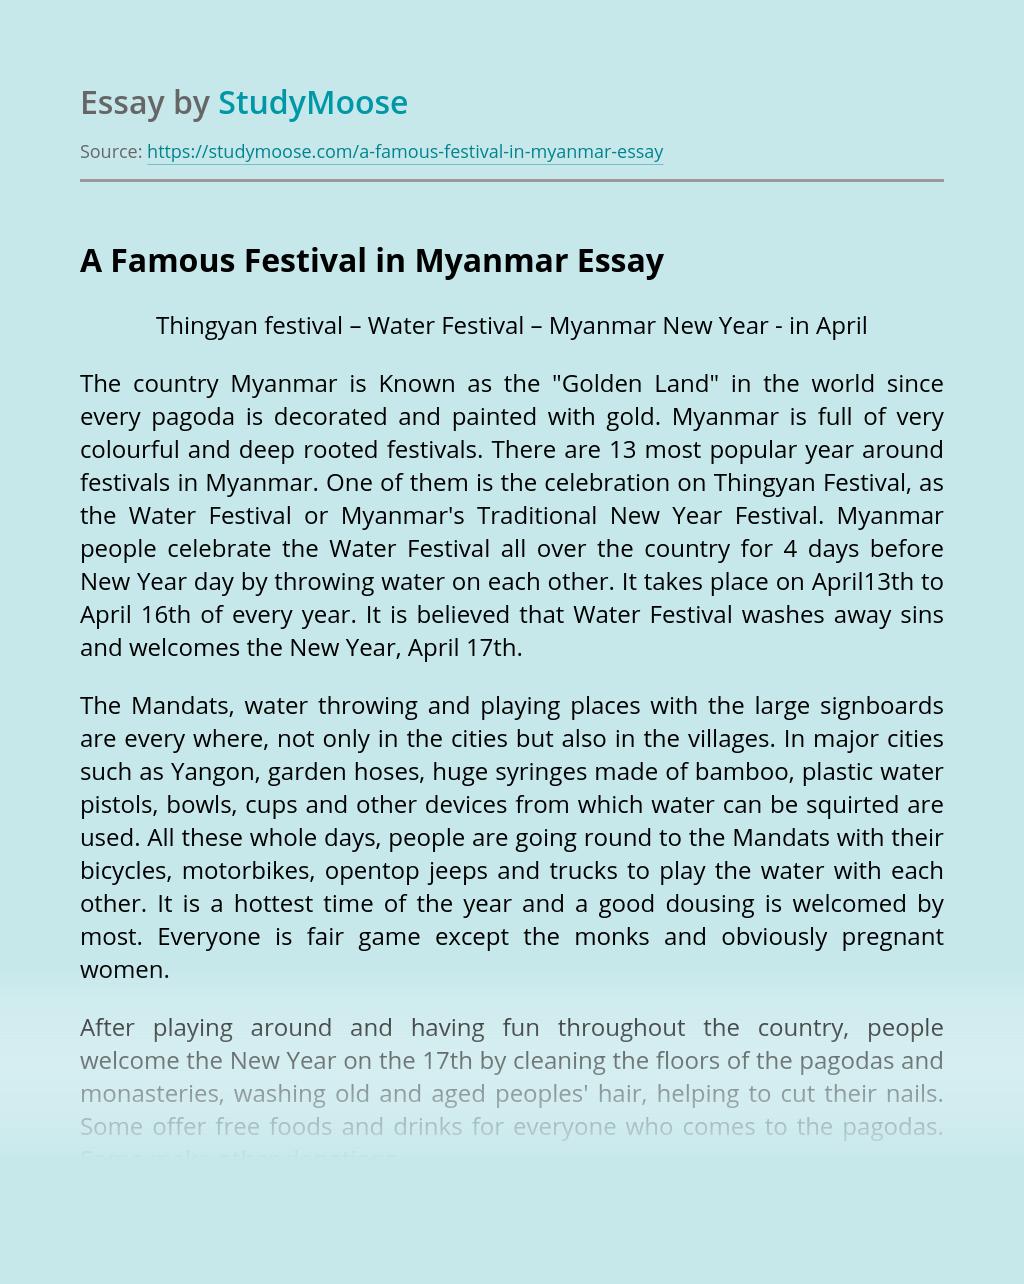 A Famous Festival in Myanmar